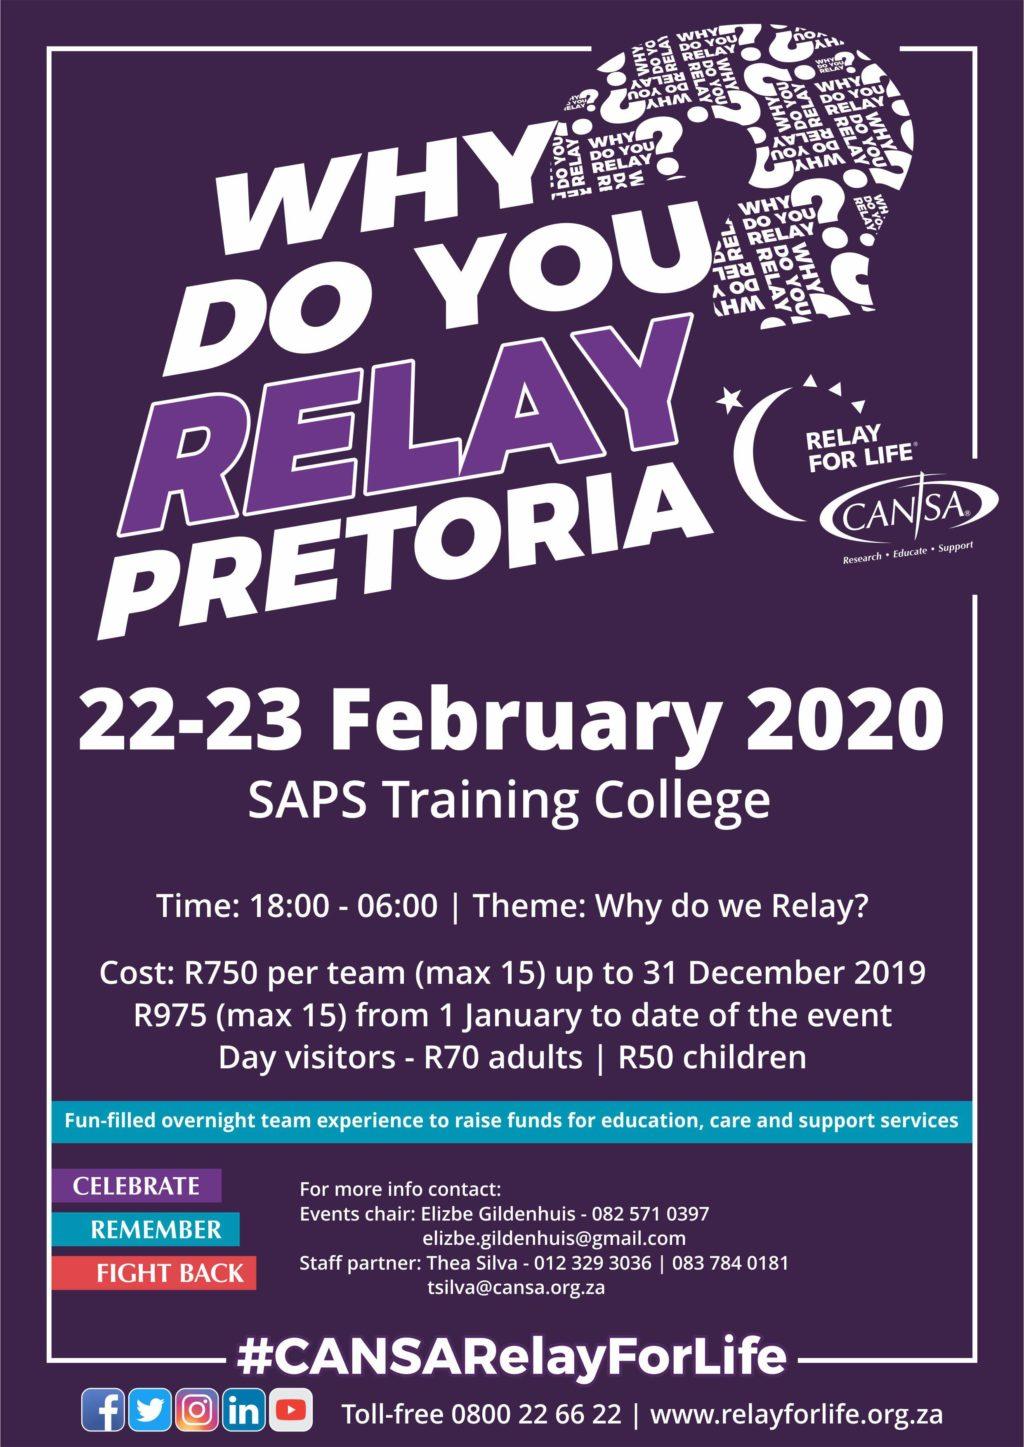 CANSA Relay For Life Pretoria   CANSA Relay For Life